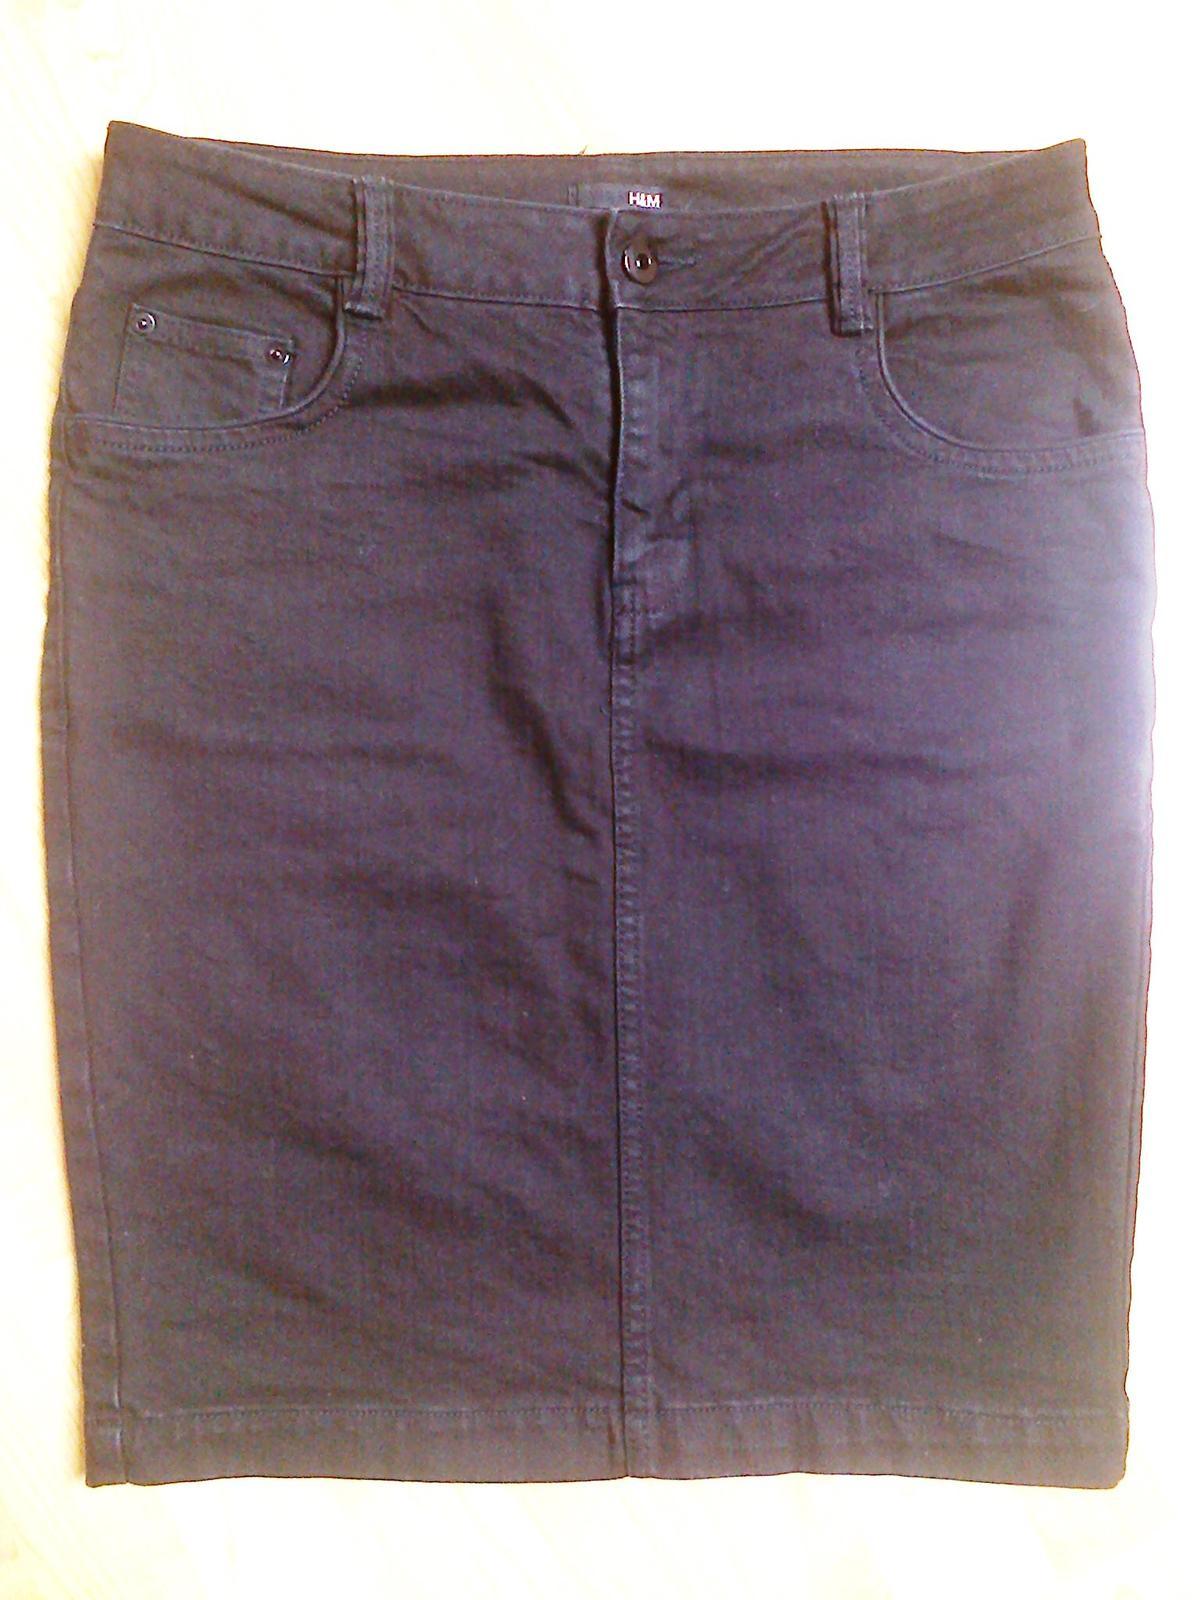 Džínová sukně H & M - Obrázek č. 1